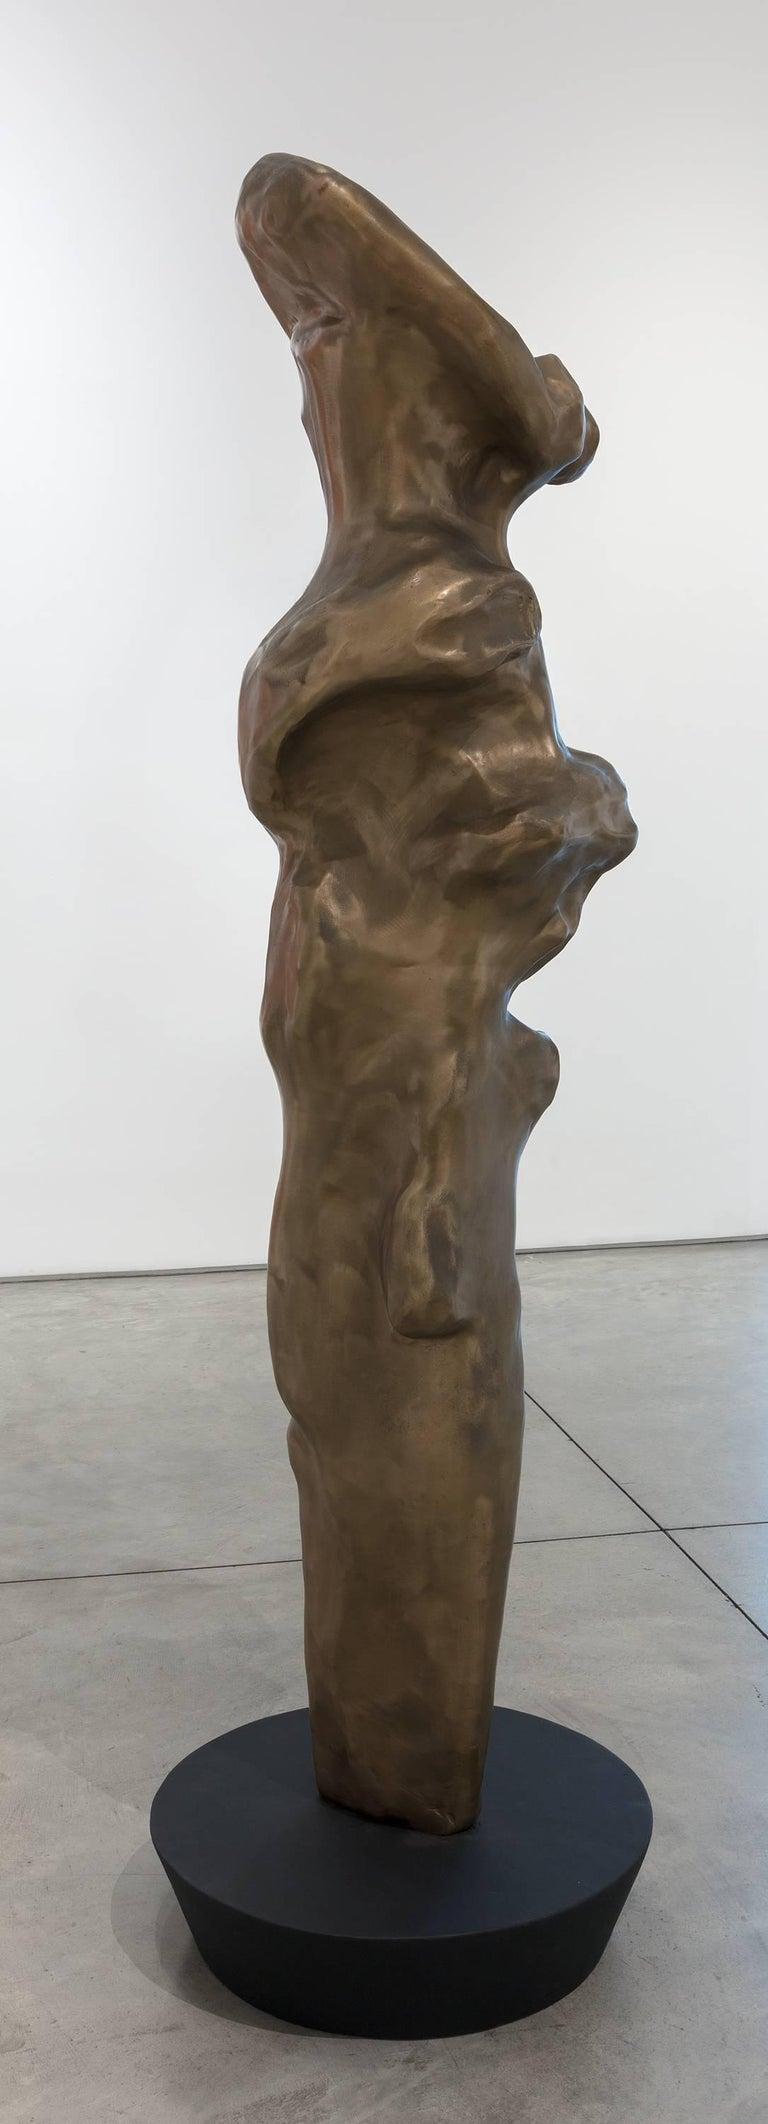 Embrace - American Modern Sculpture by Herb Alpert